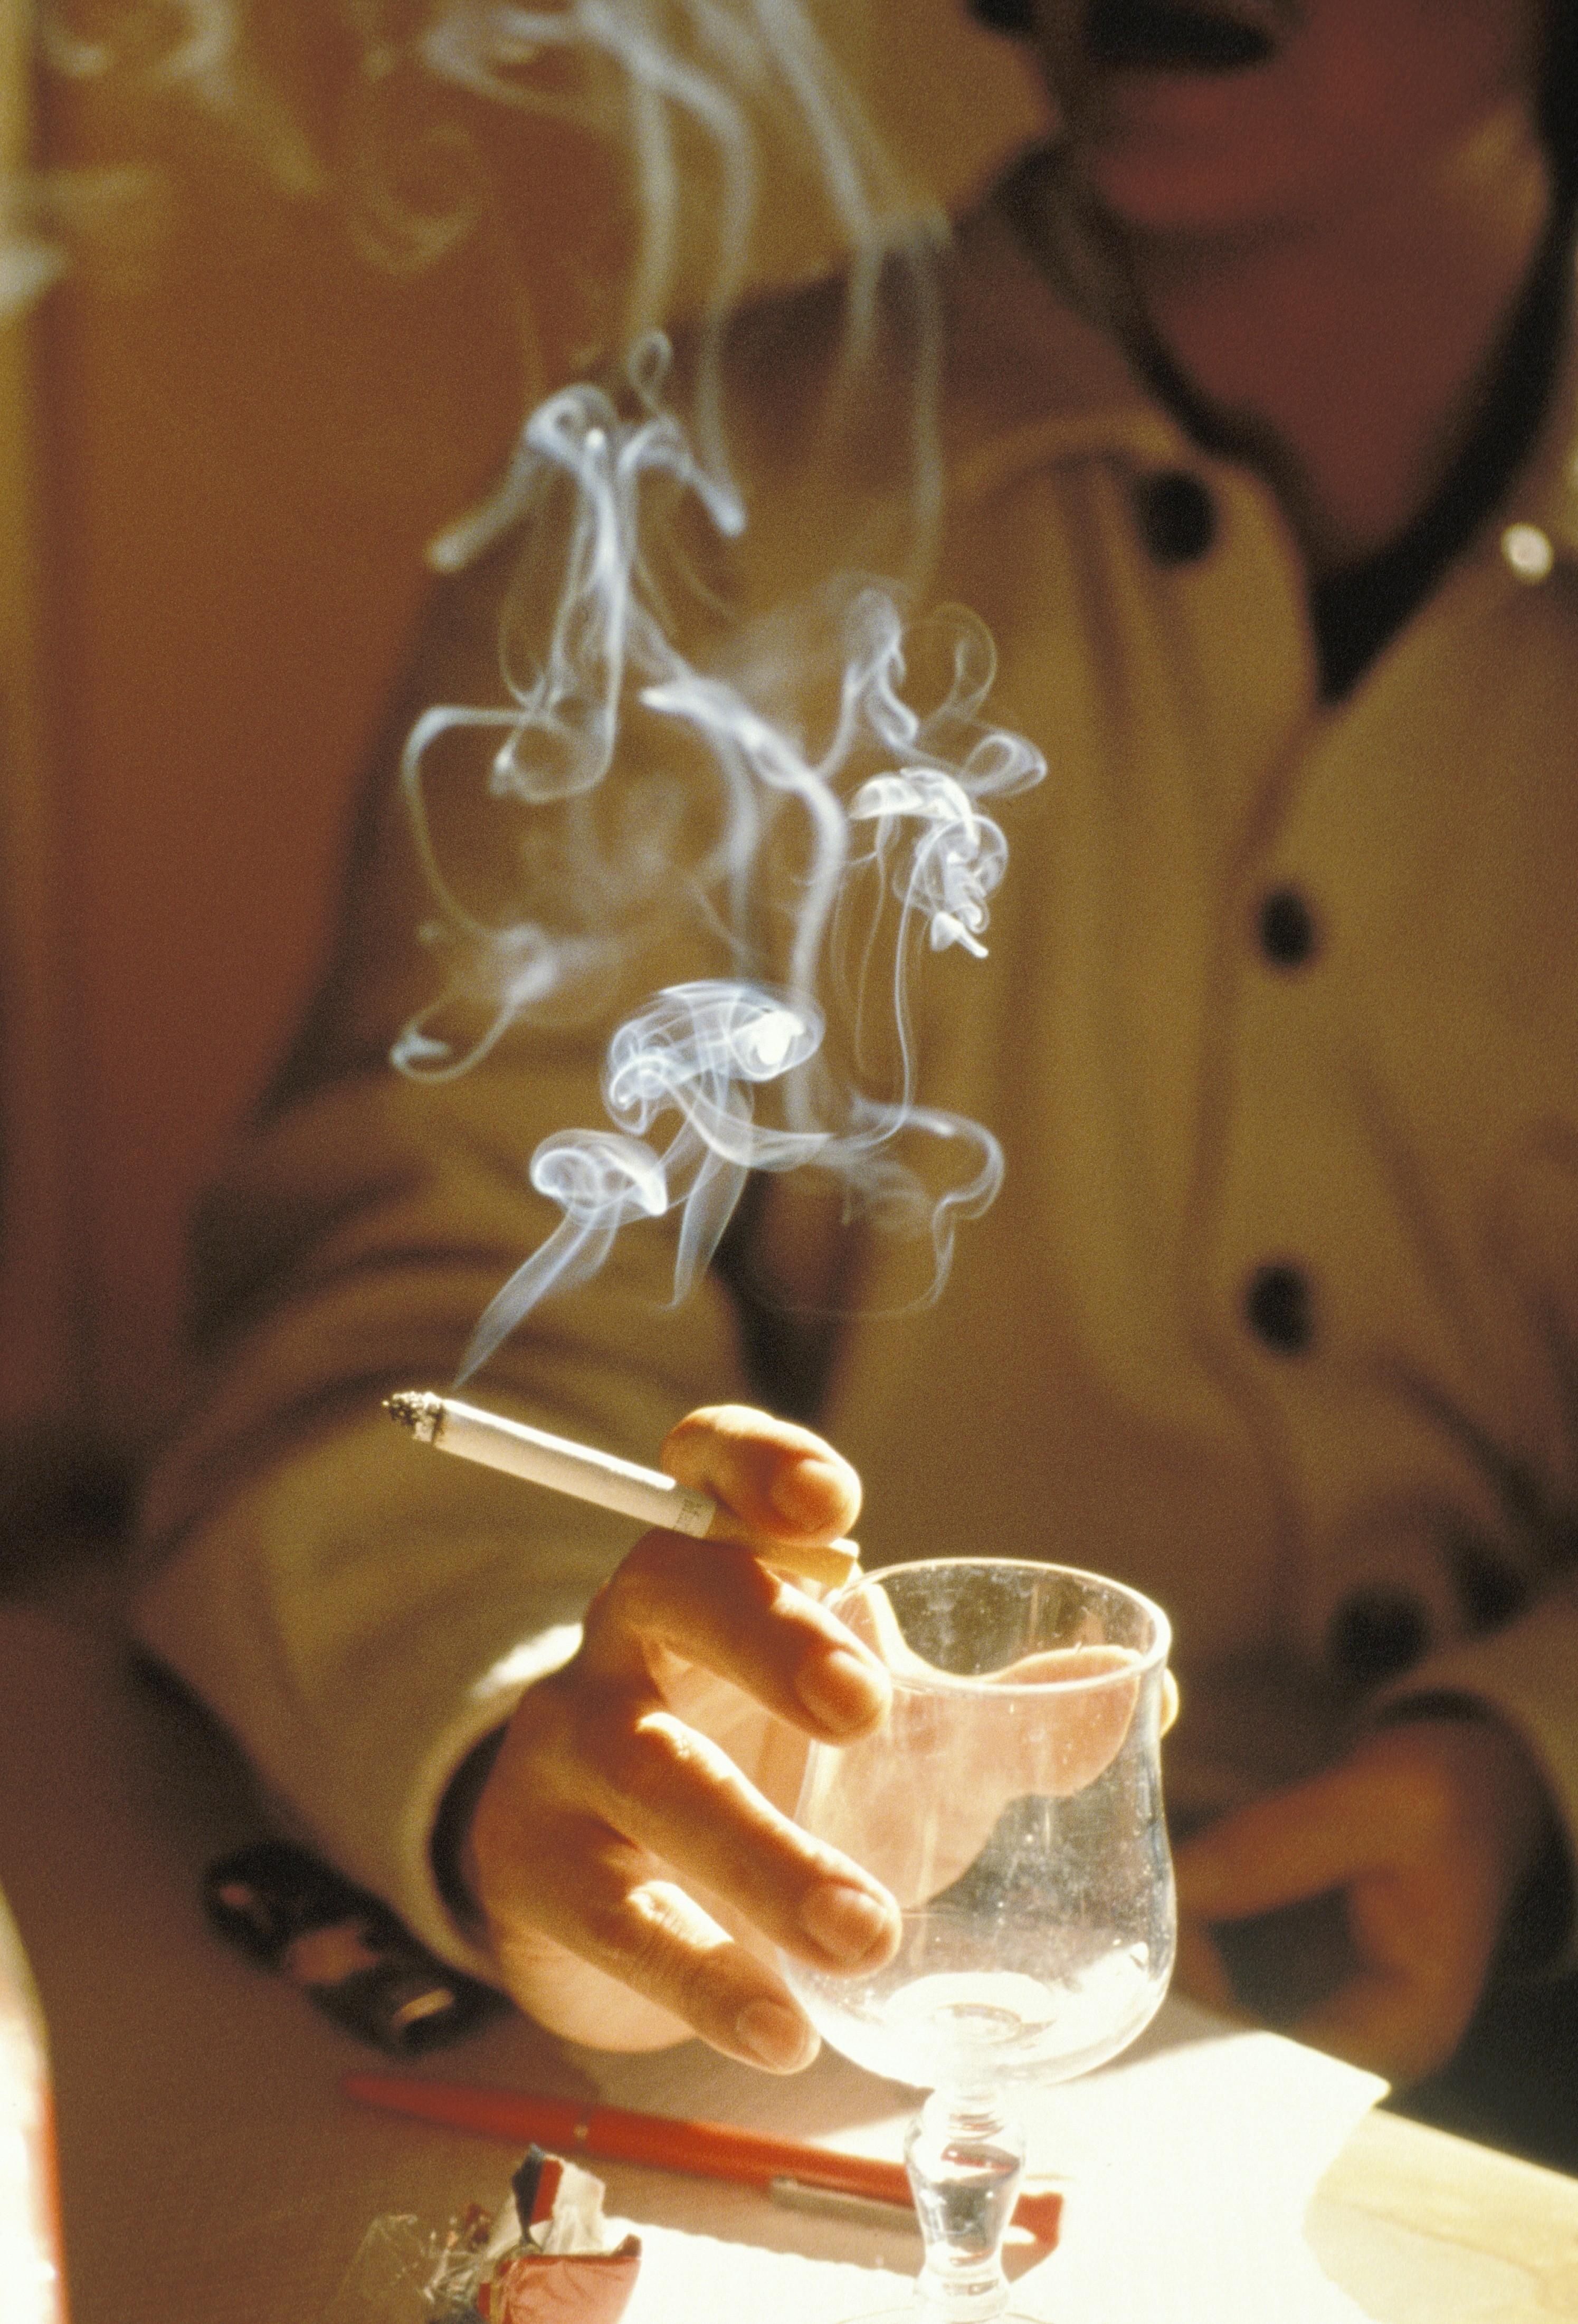 Per tosse quando smesso fumando